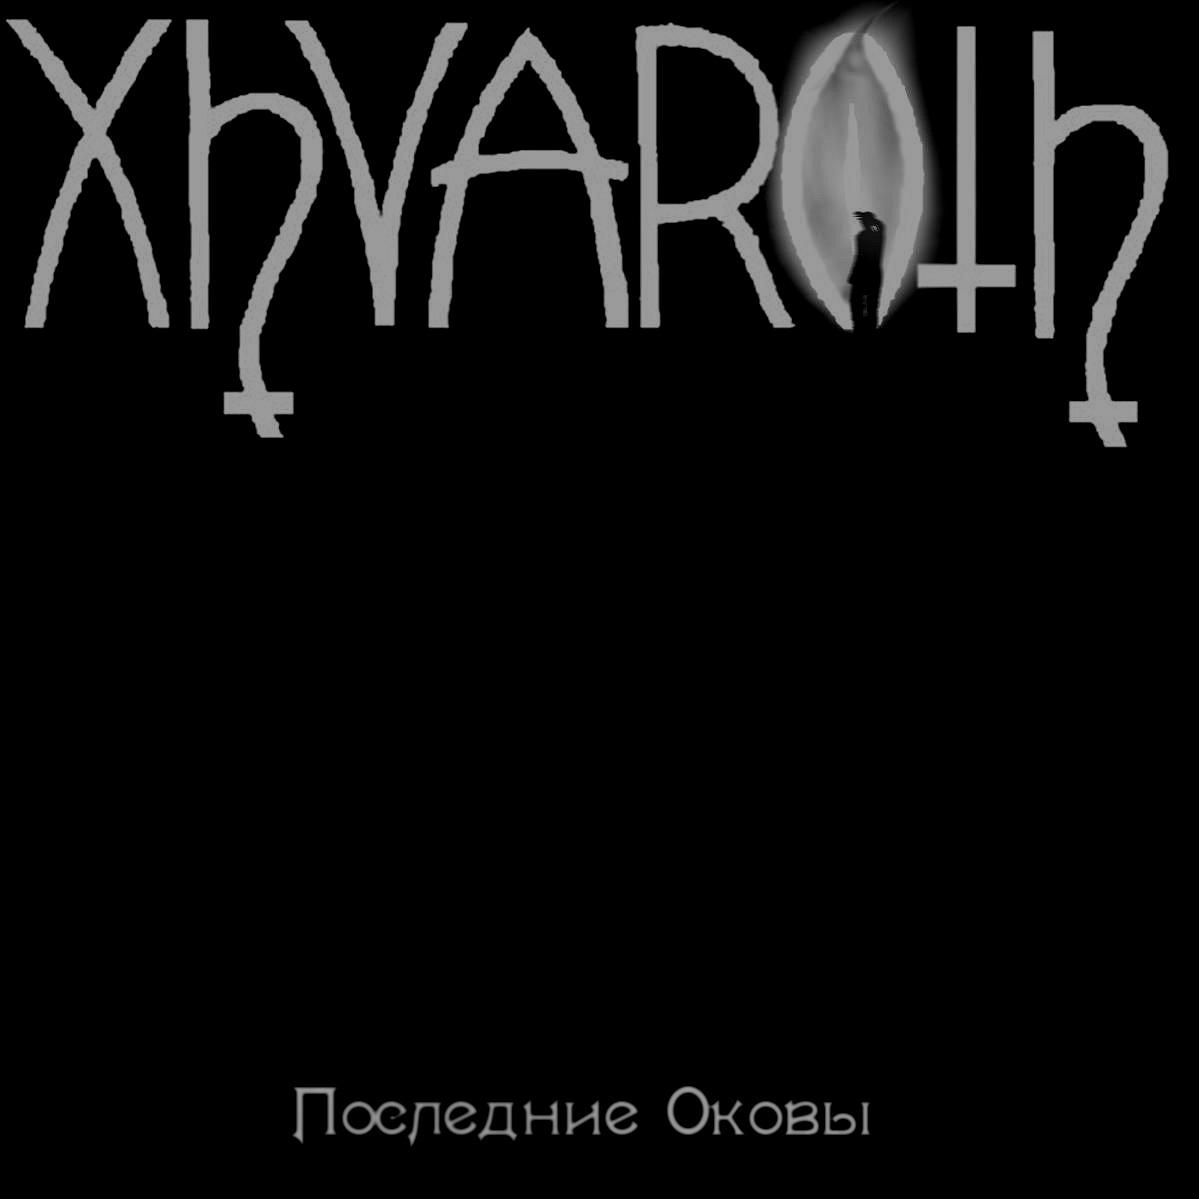 Исполнитель: xhvaroth альбом: вернуться назад год выхода: 2010 страна: russia жанр